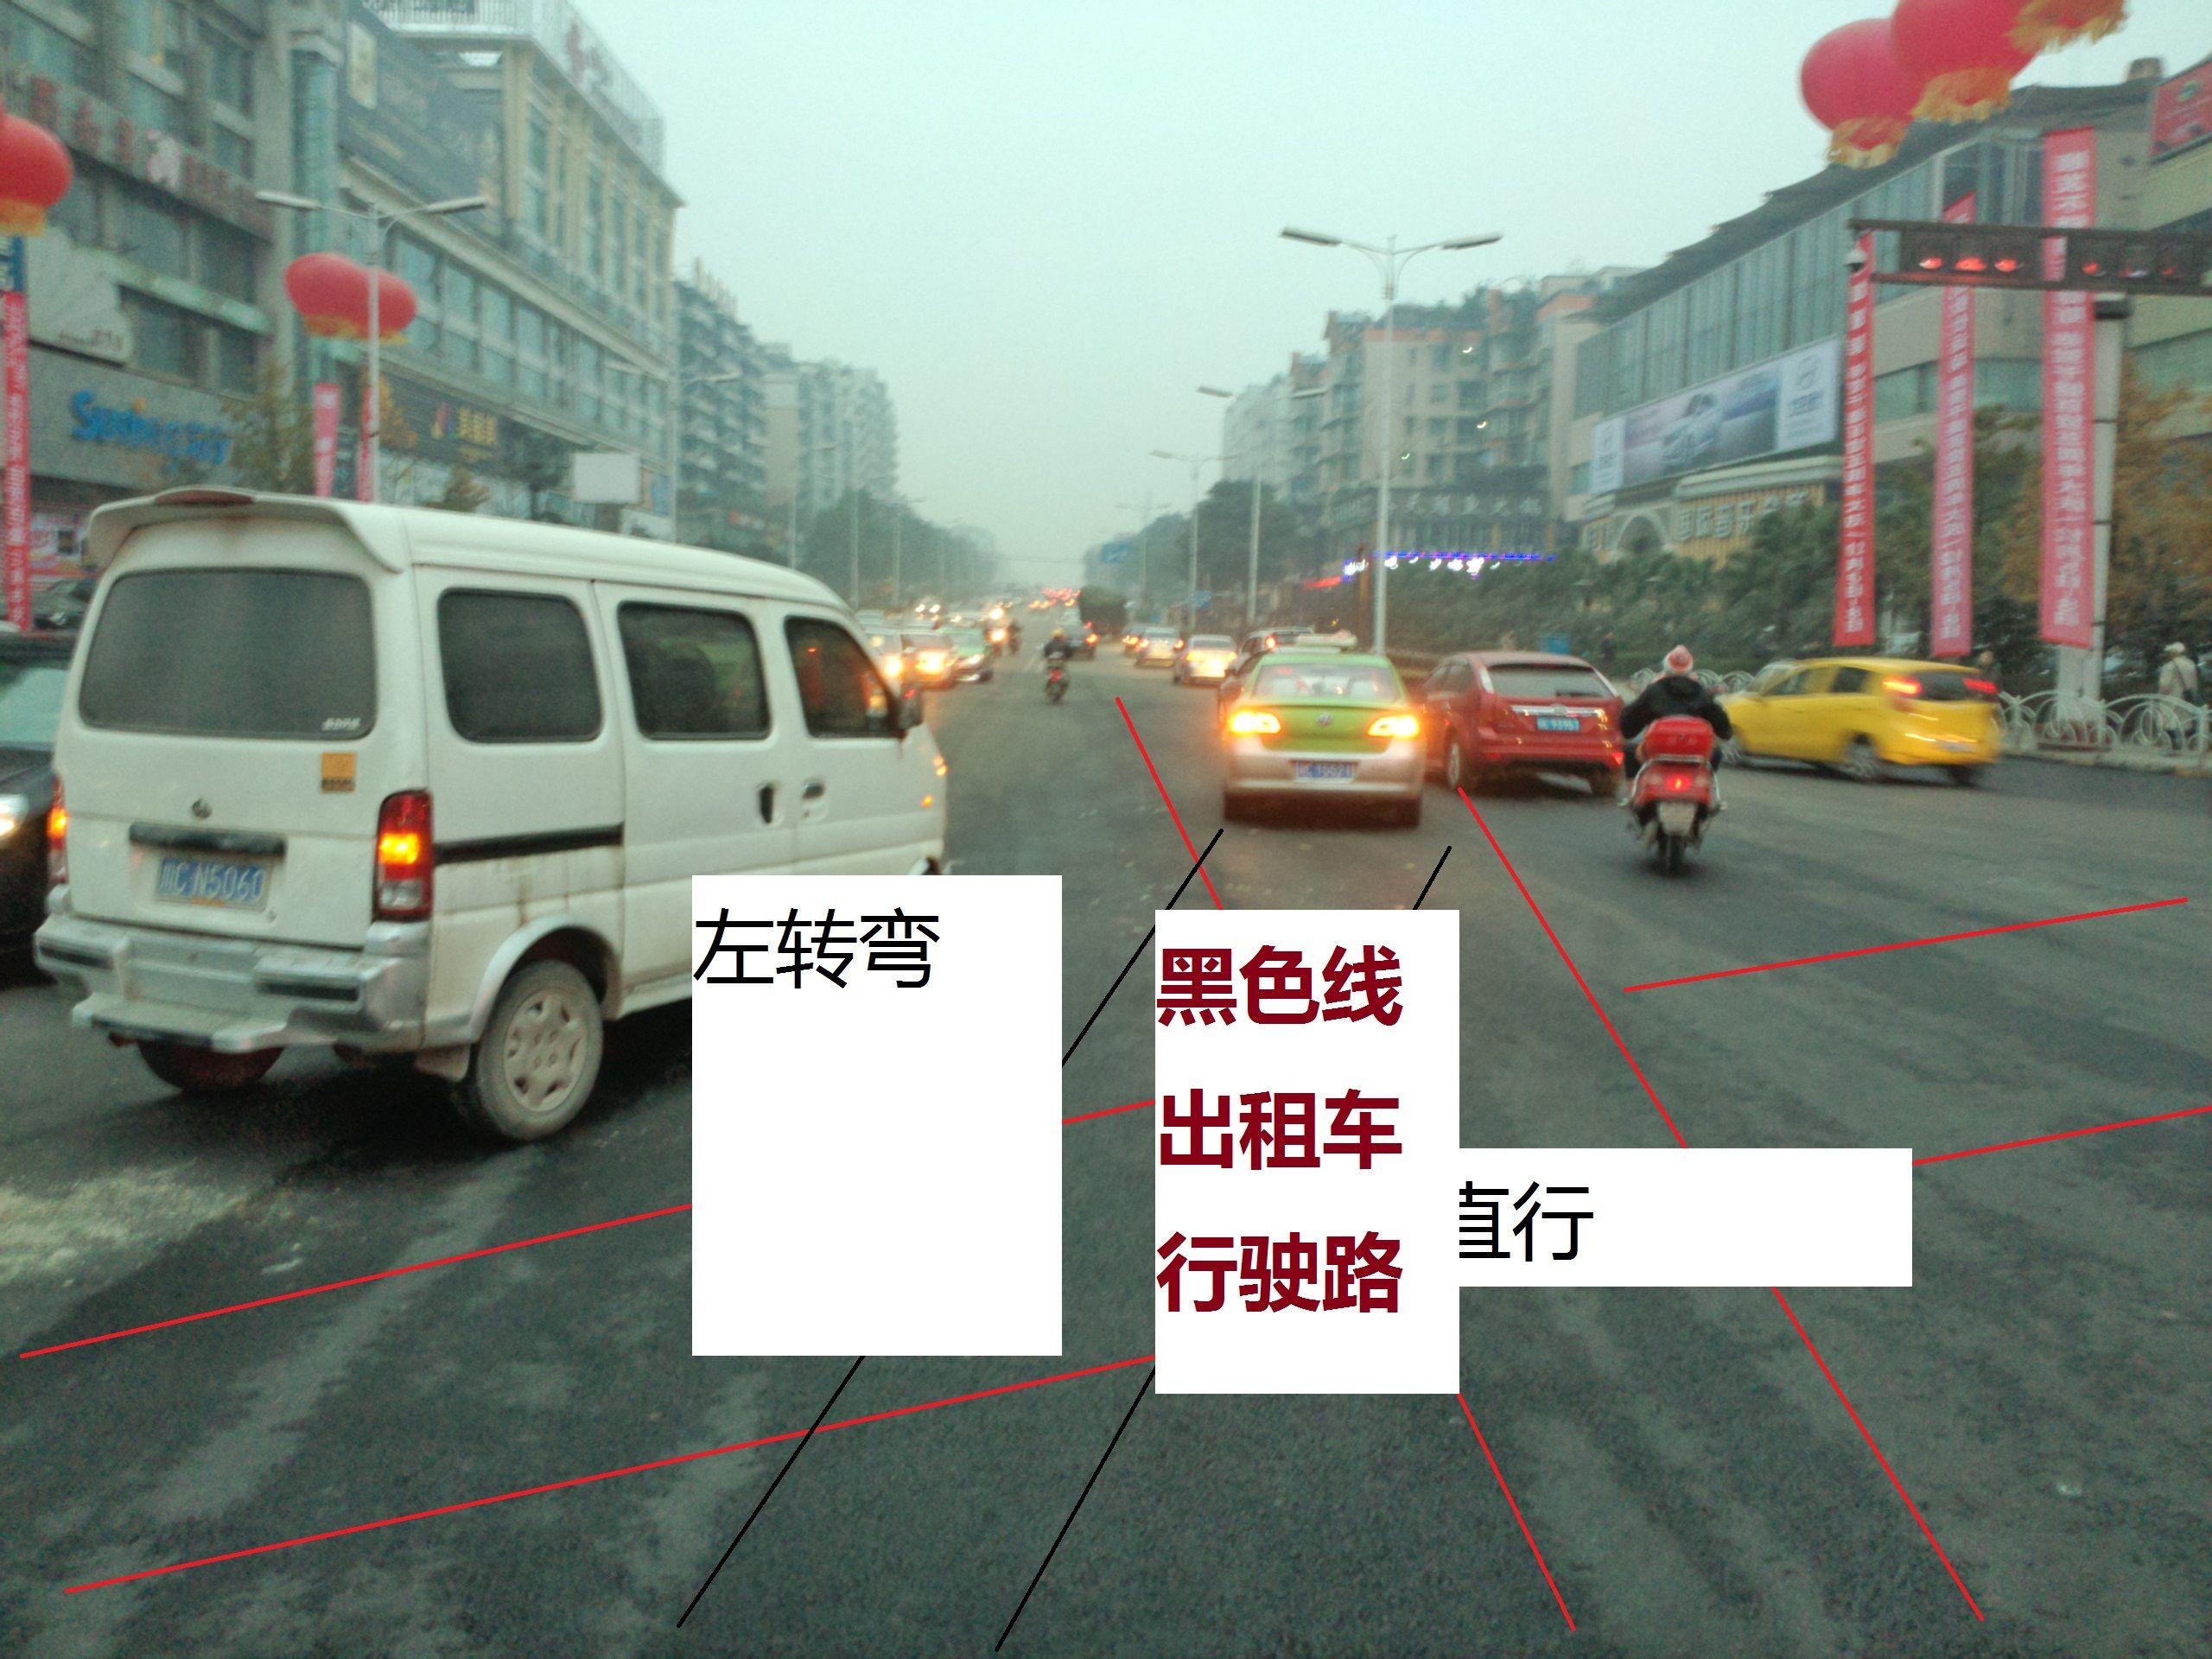  你是全责没有避让右转车辆或直行车辆.